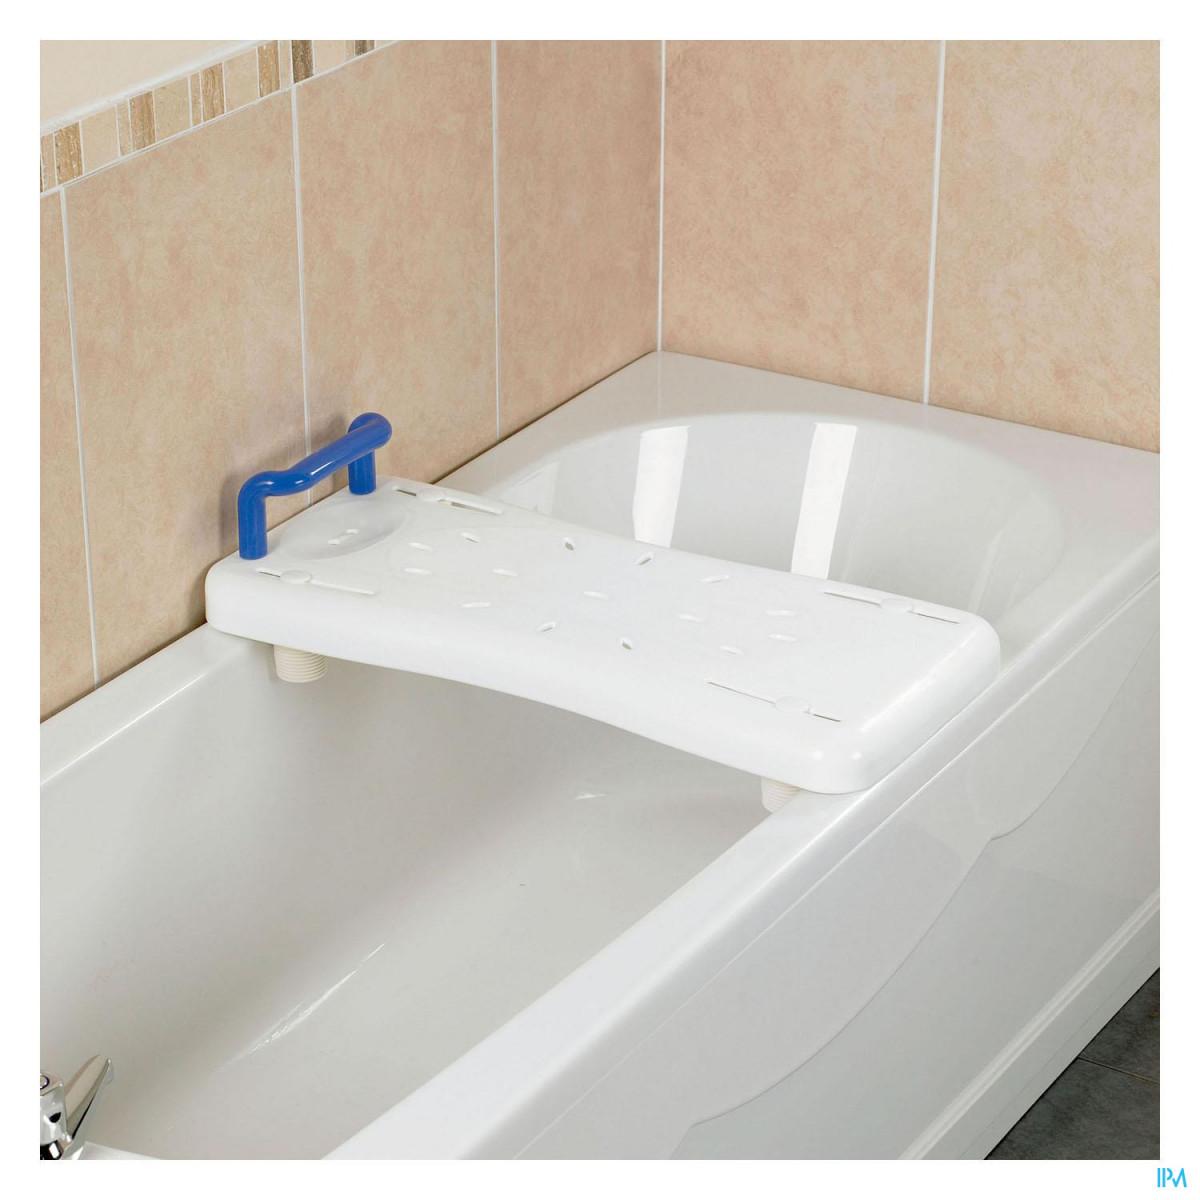 planche de baignoire days en synth tique avec poign e. Black Bedroom Furniture Sets. Home Design Ideas